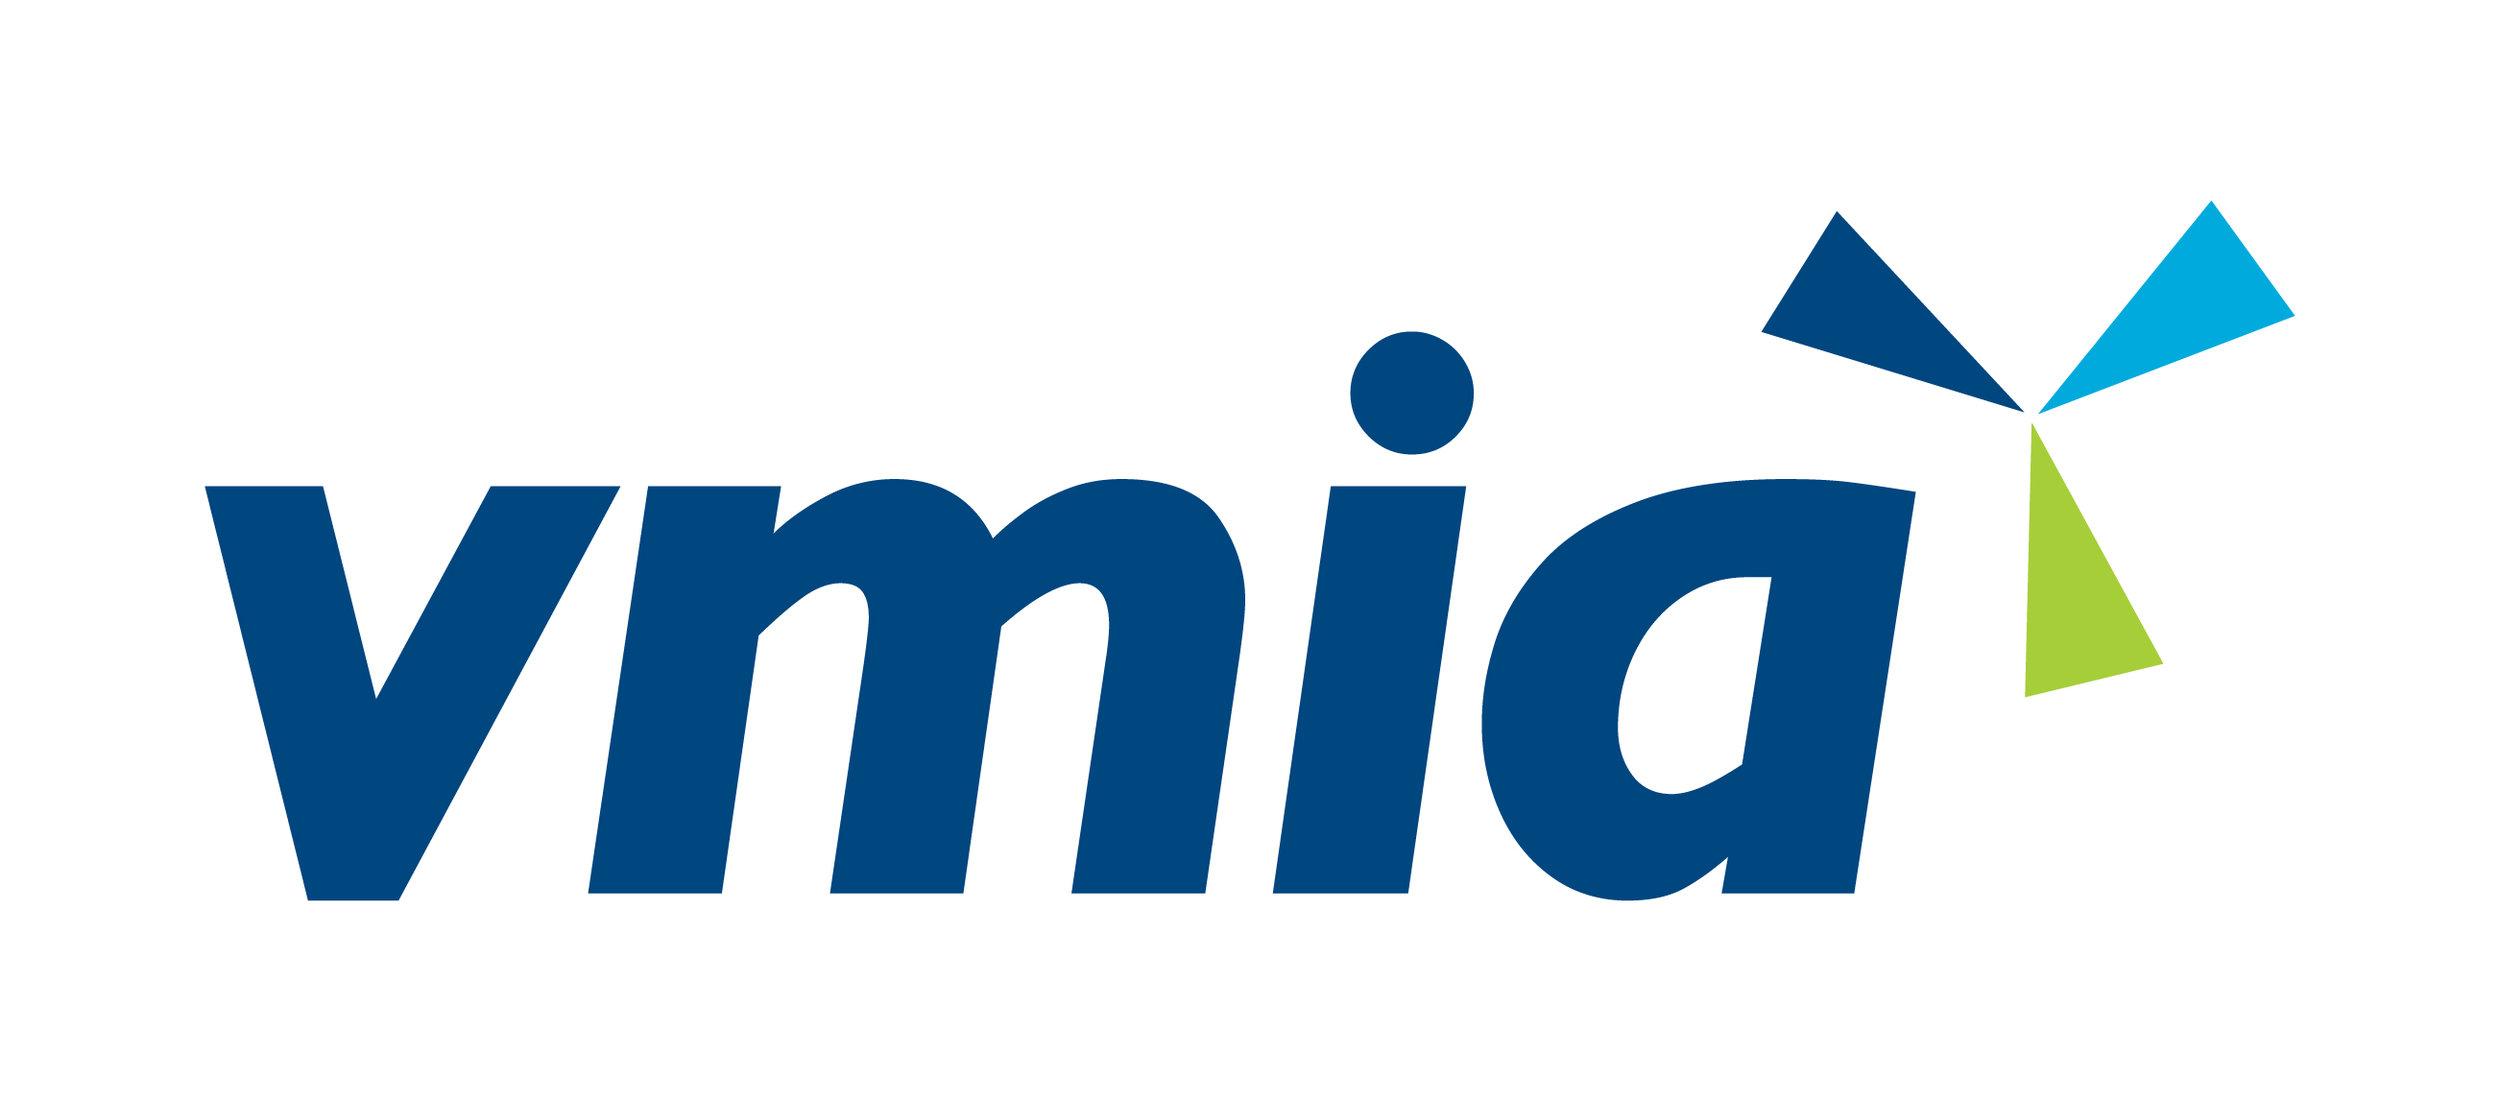 The YIPAA's Sponsor